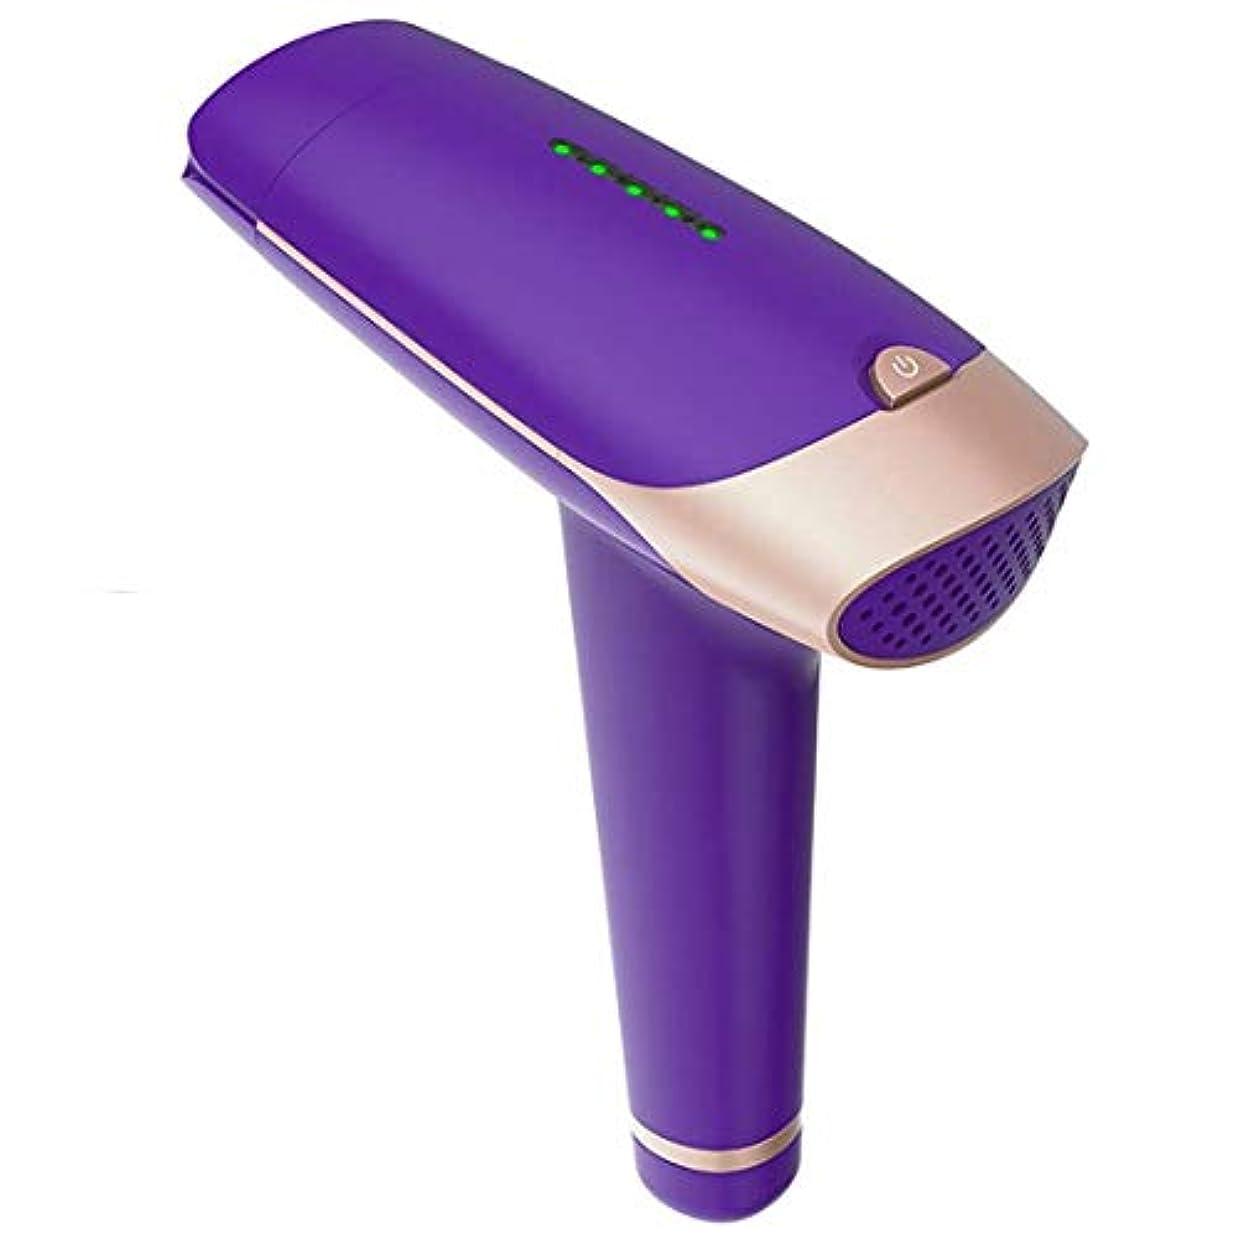 弾性憲法十分なTrliy- 紫色のlpl脱毛システム、プロフェッショナルライト痛みのないレーザー脱毛器永久的な脱毛装置用男女ボディフェイスビキニ